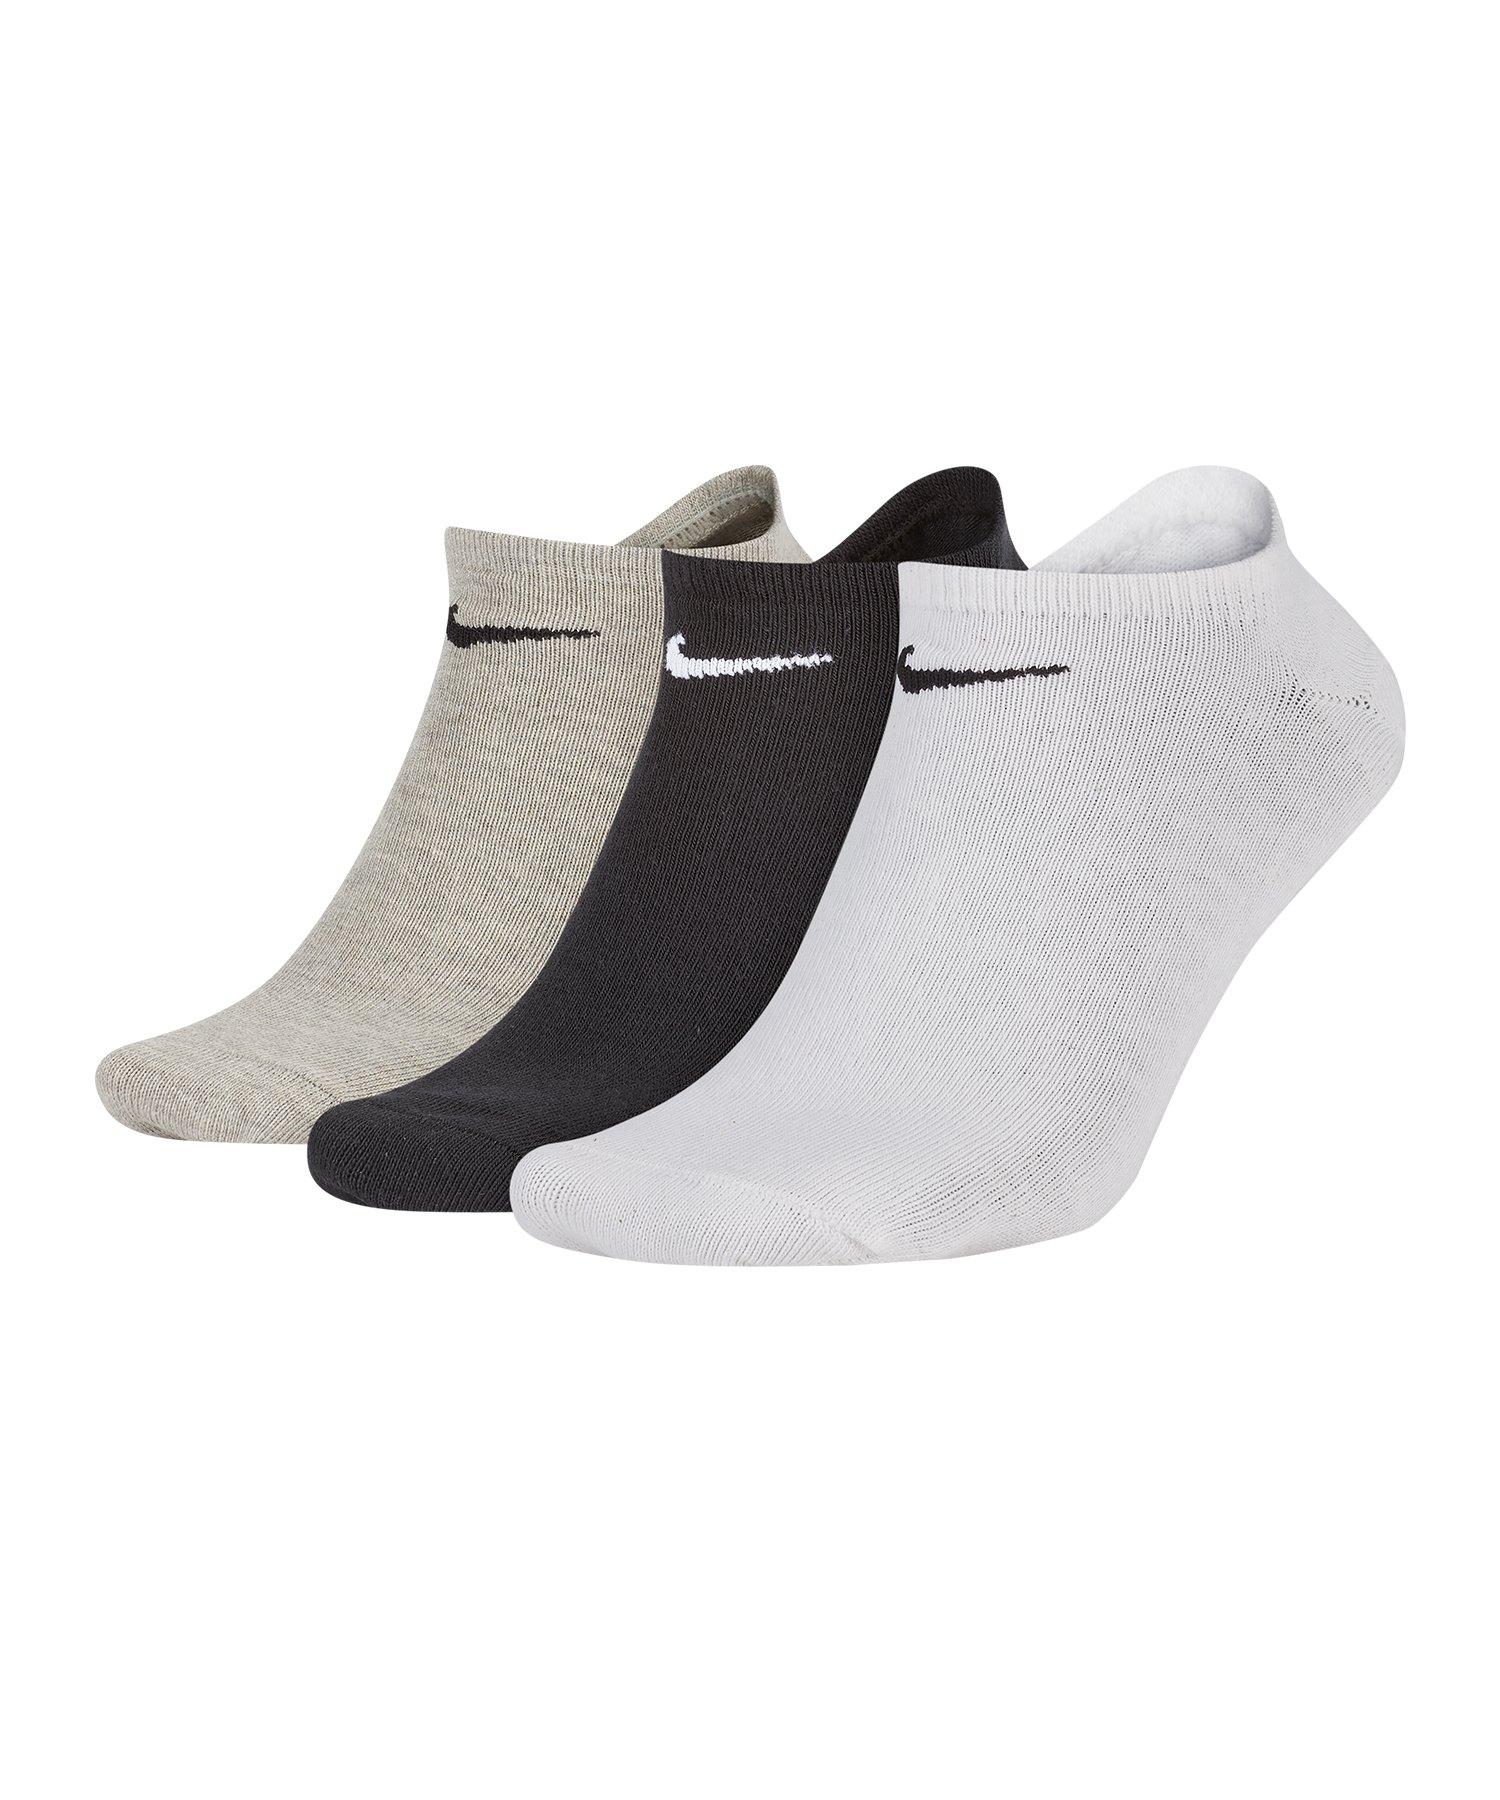 Nike 3er Pack Socken Füsslinge Sneaker F901